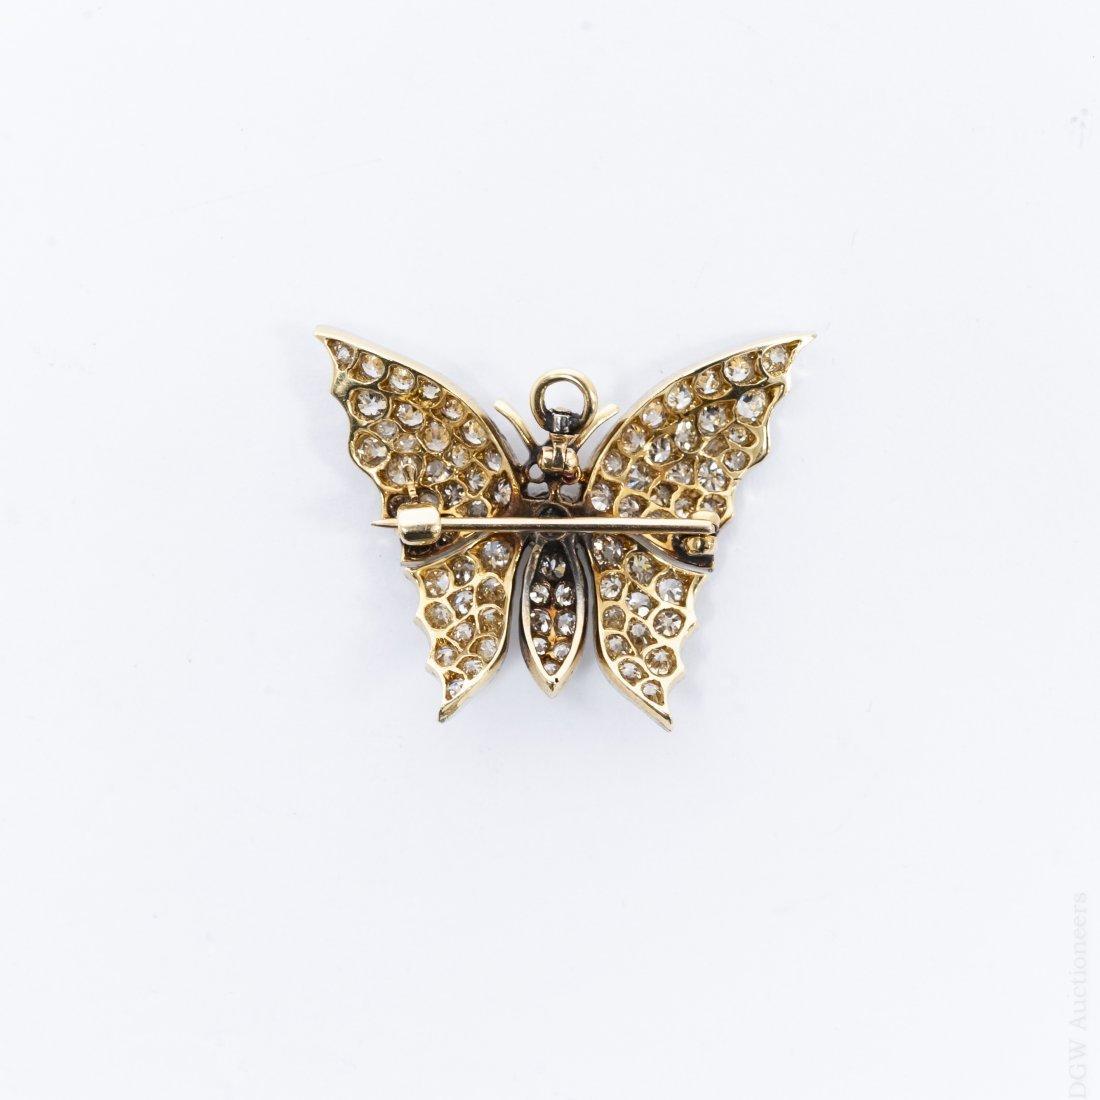 Diamond Butterfly Brooch / Pendant. - 2